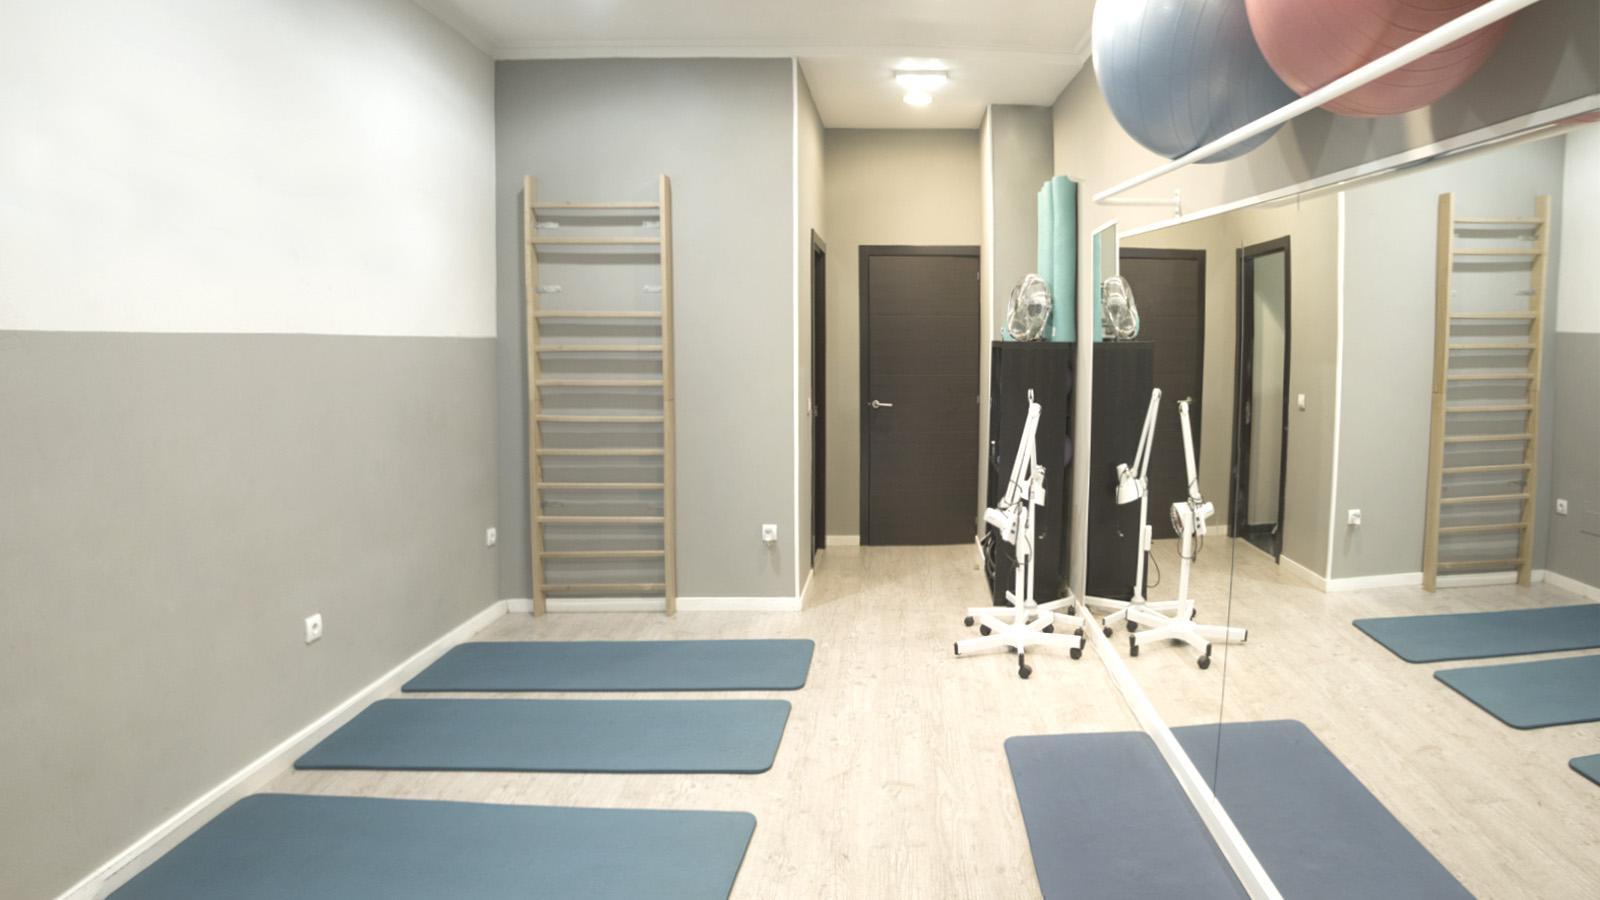 Clínica de fisioterapia A. Gimnasio